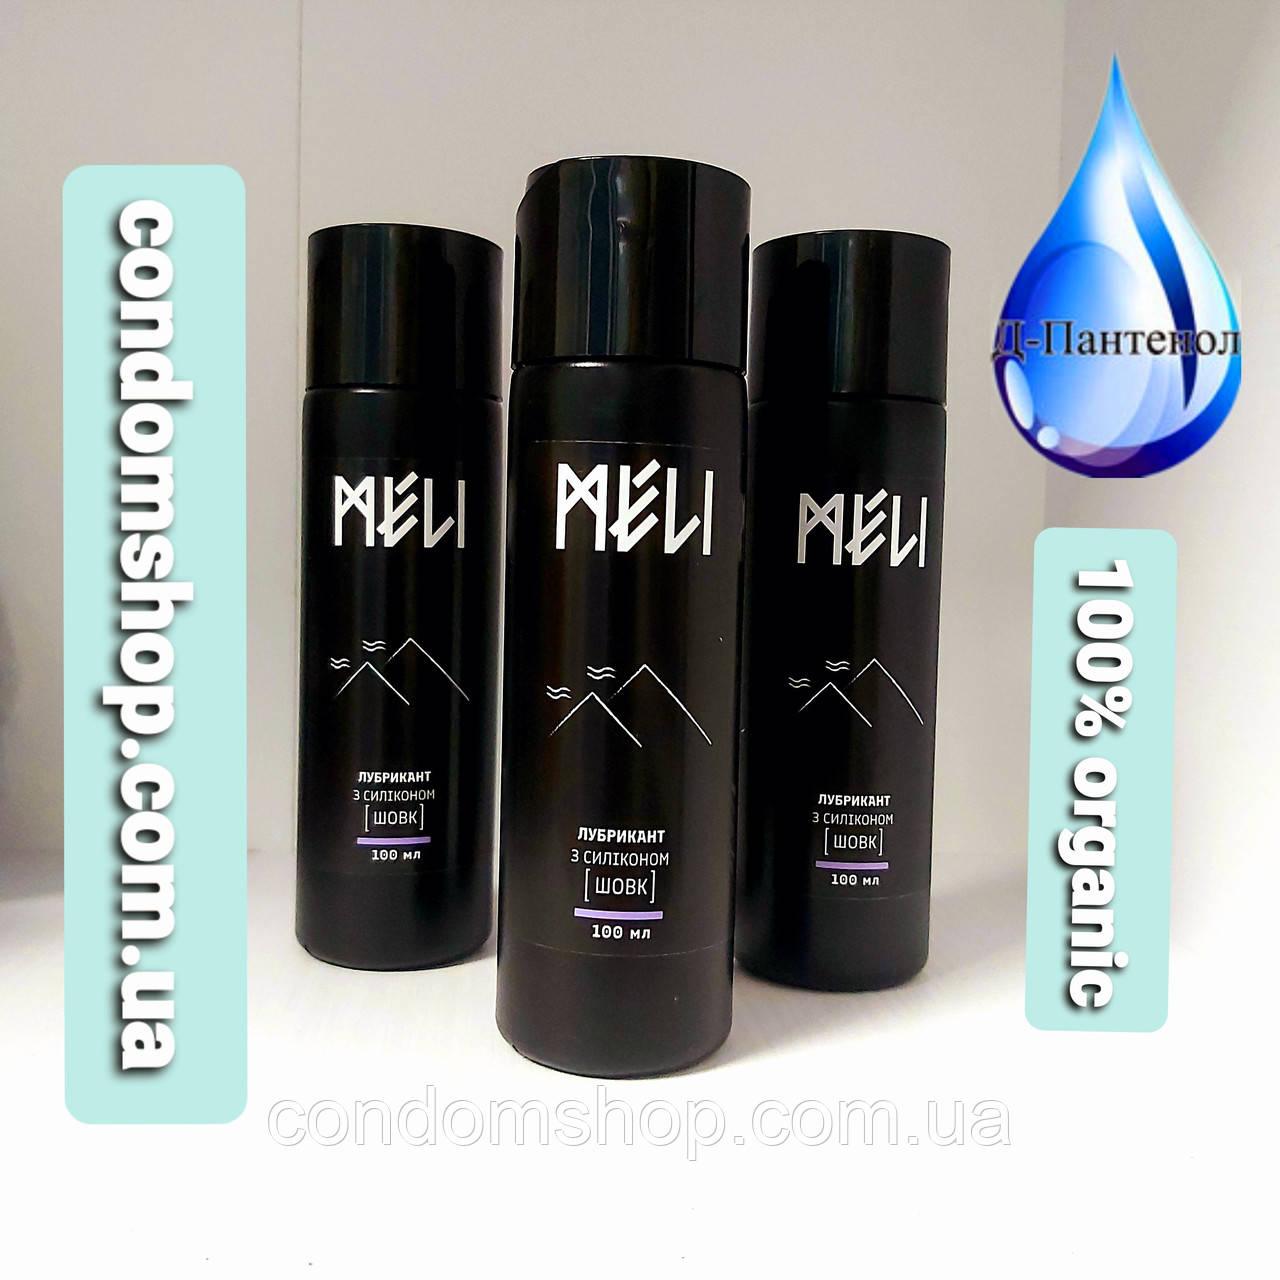 Гель-змазка для інтимного масажу Meli шовк вода+силікон.100% organic. 100 ml.Для всіх видів сексу і масажу.